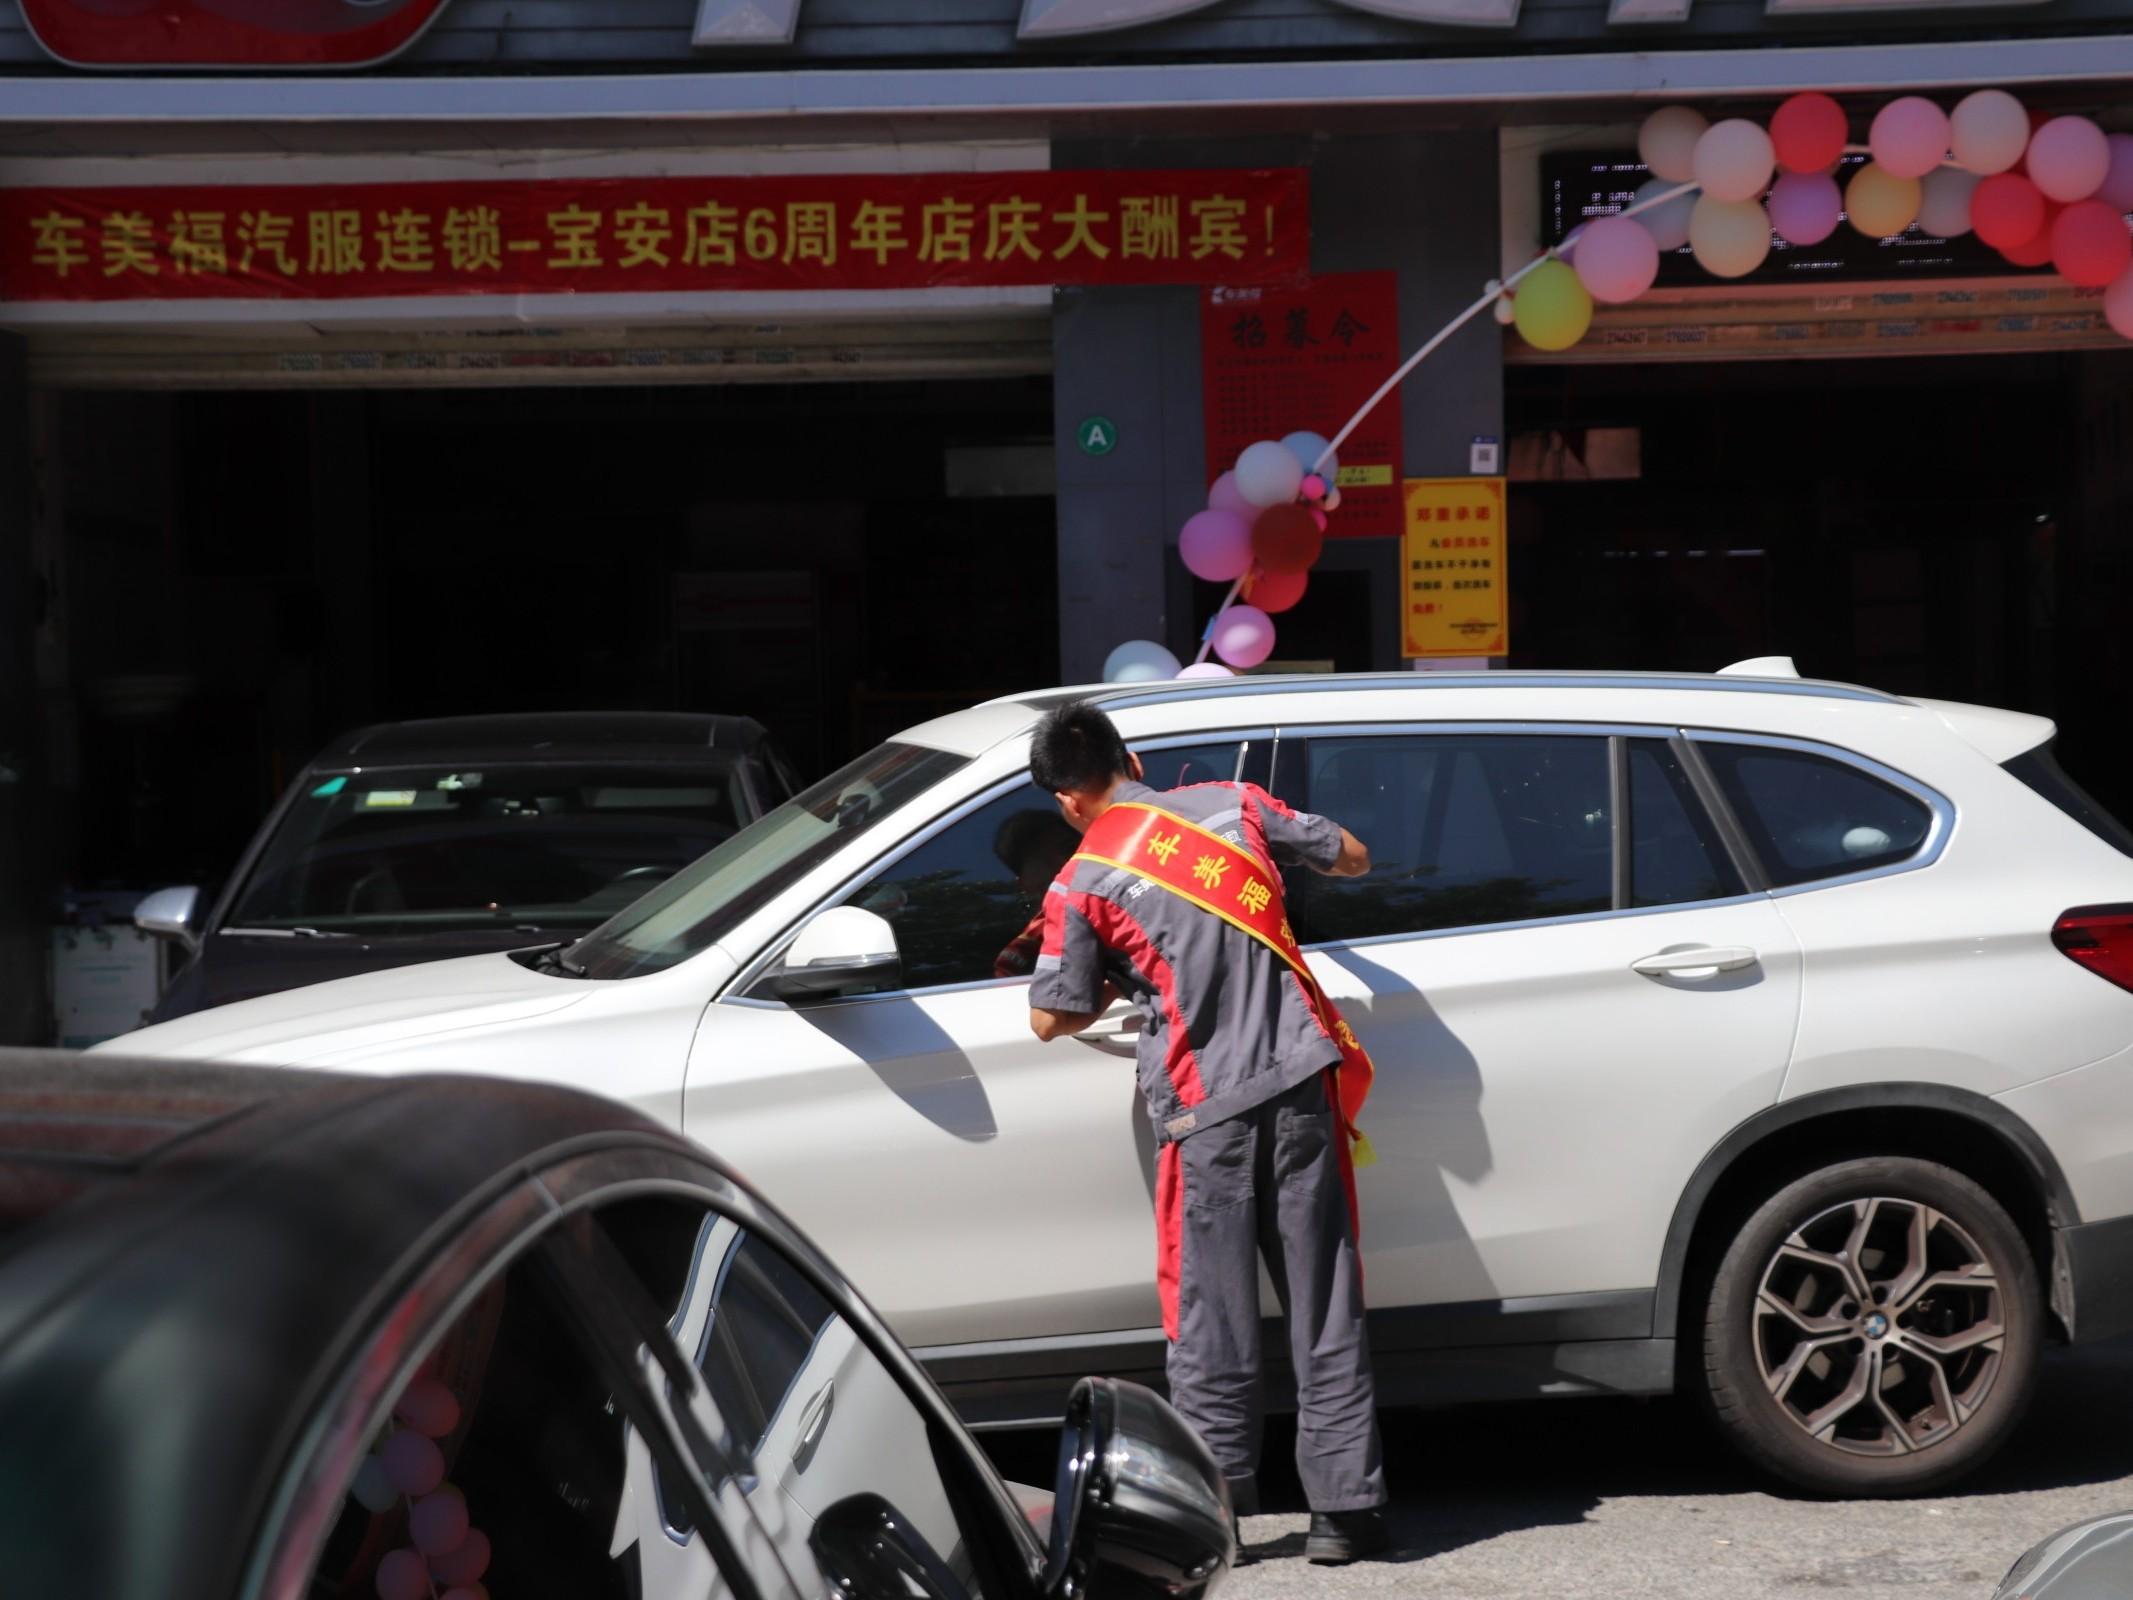 只需5步,轻松教您汽车美容保养加盟店学会引流拓客